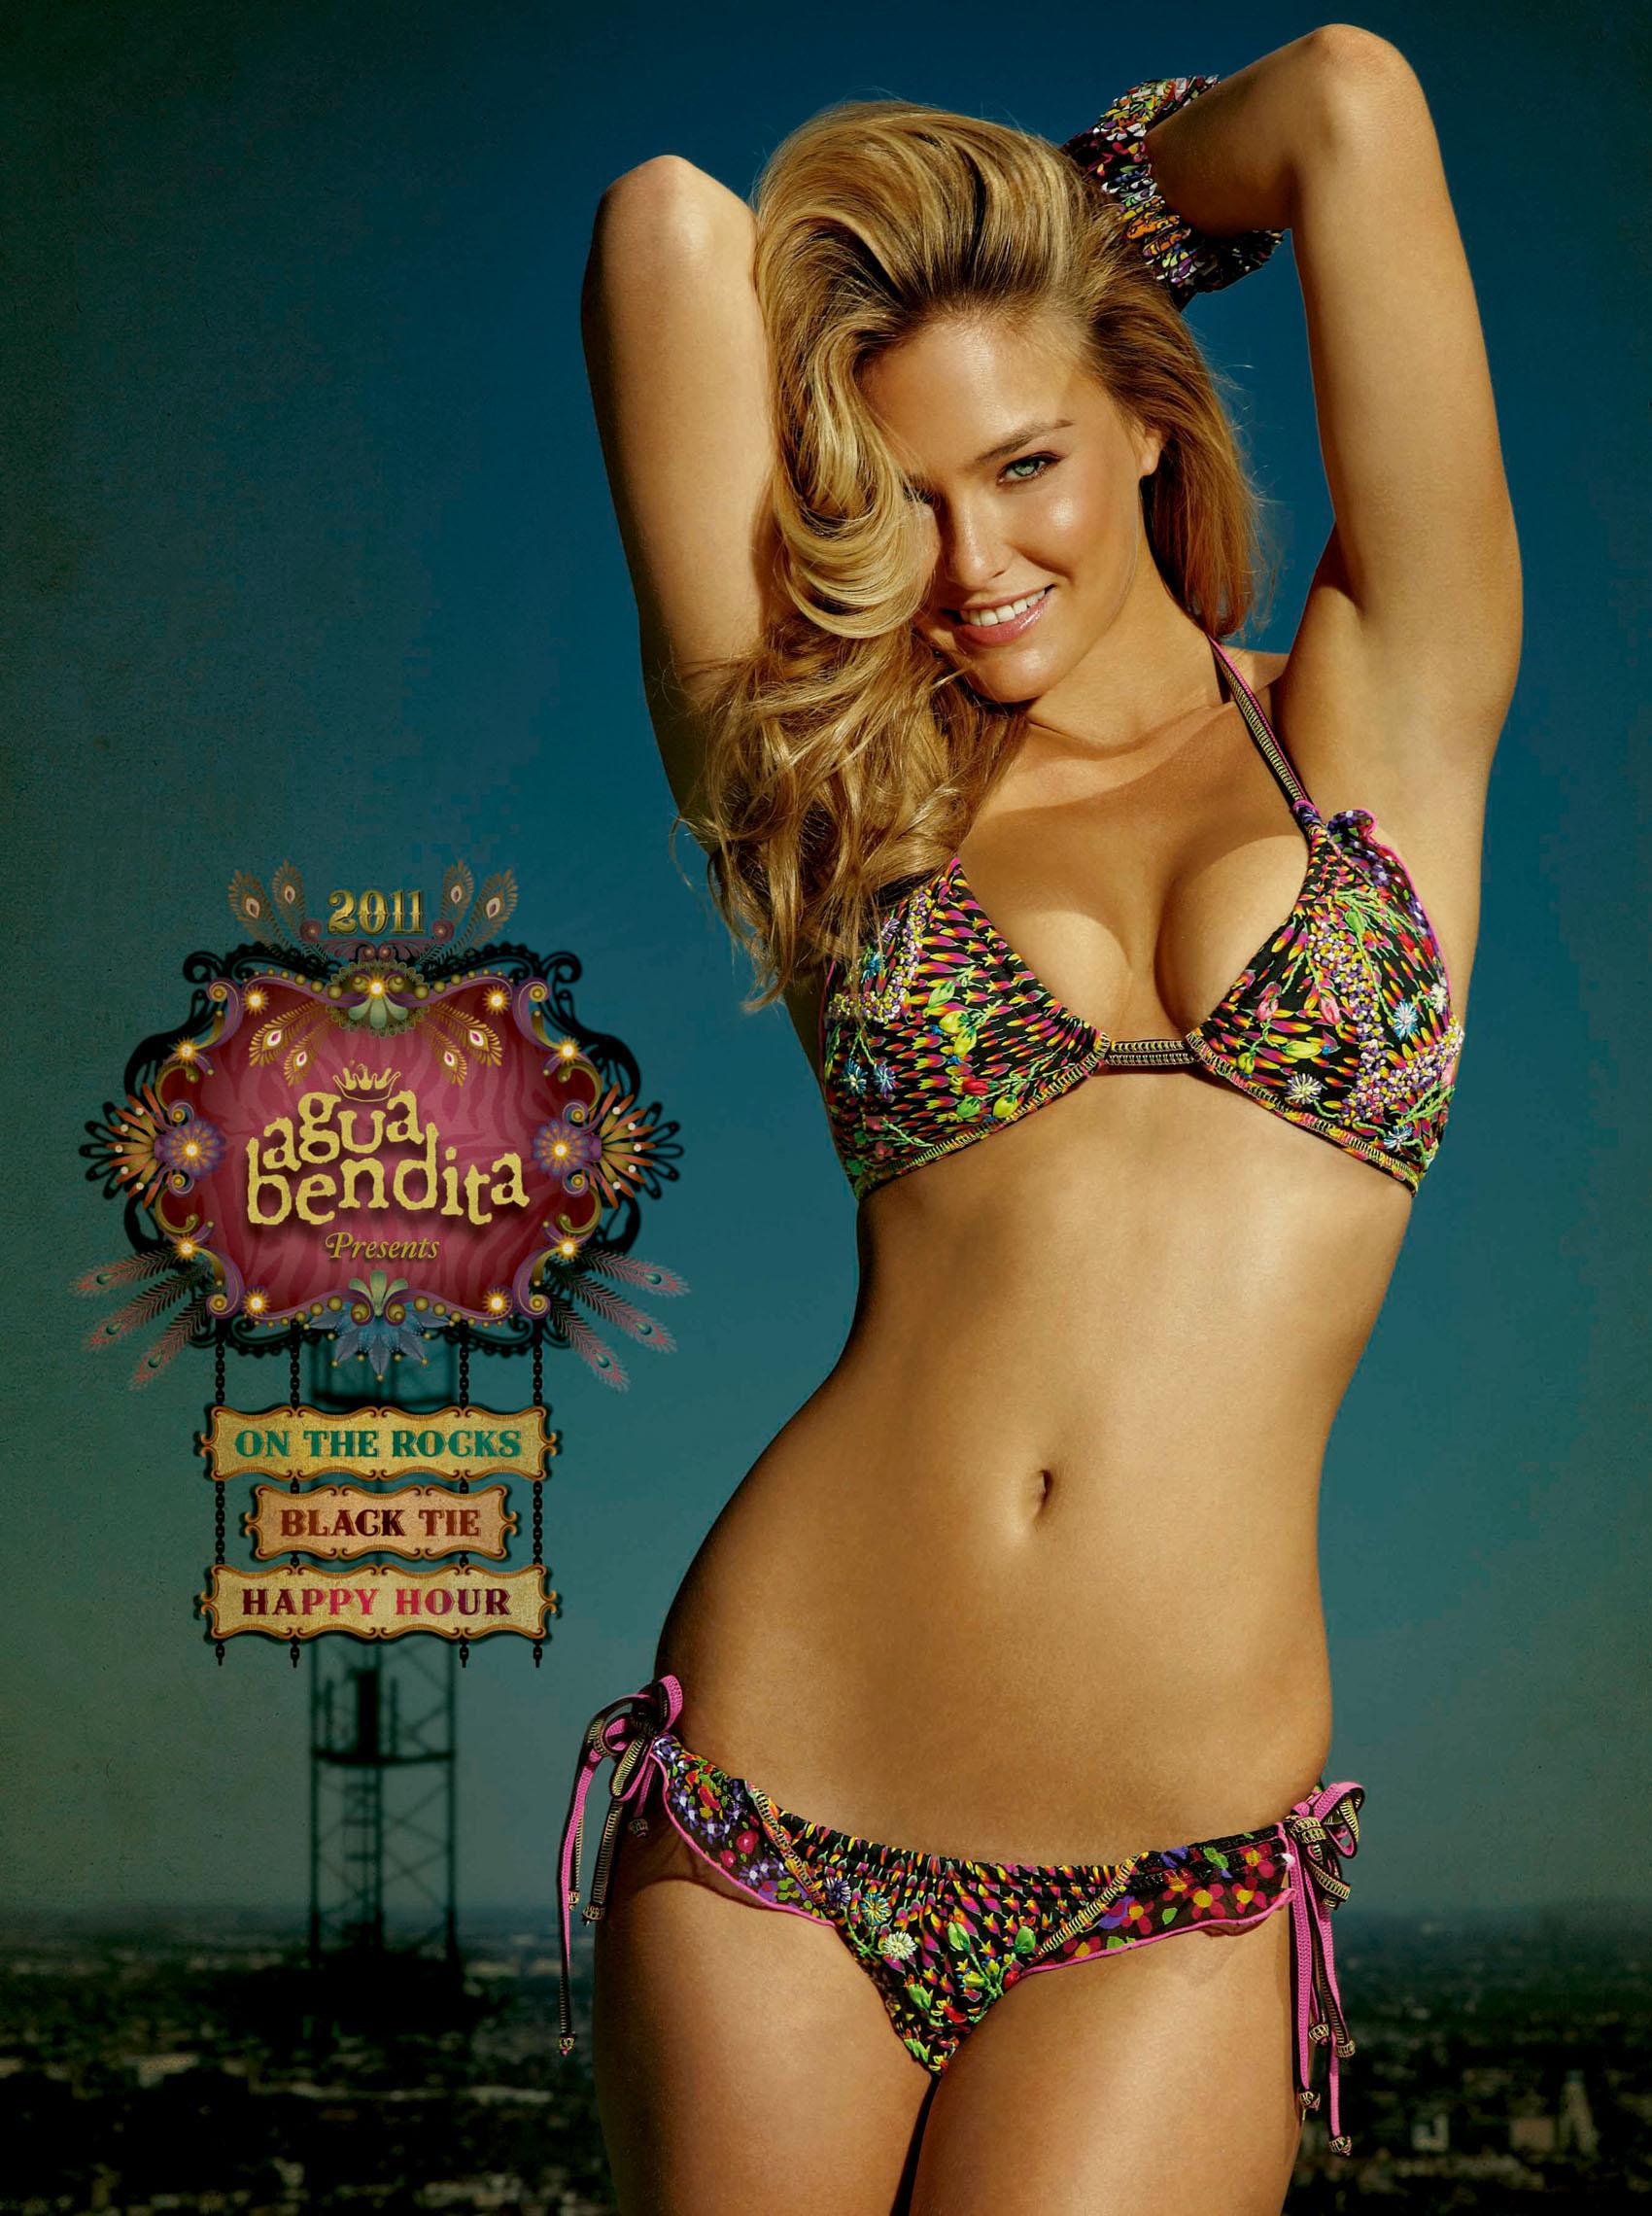 79198_Bar_Refaeli_ad_campaign_for_Agua_Bendita_2011_swimwear_line_12_122_106lo.jpg